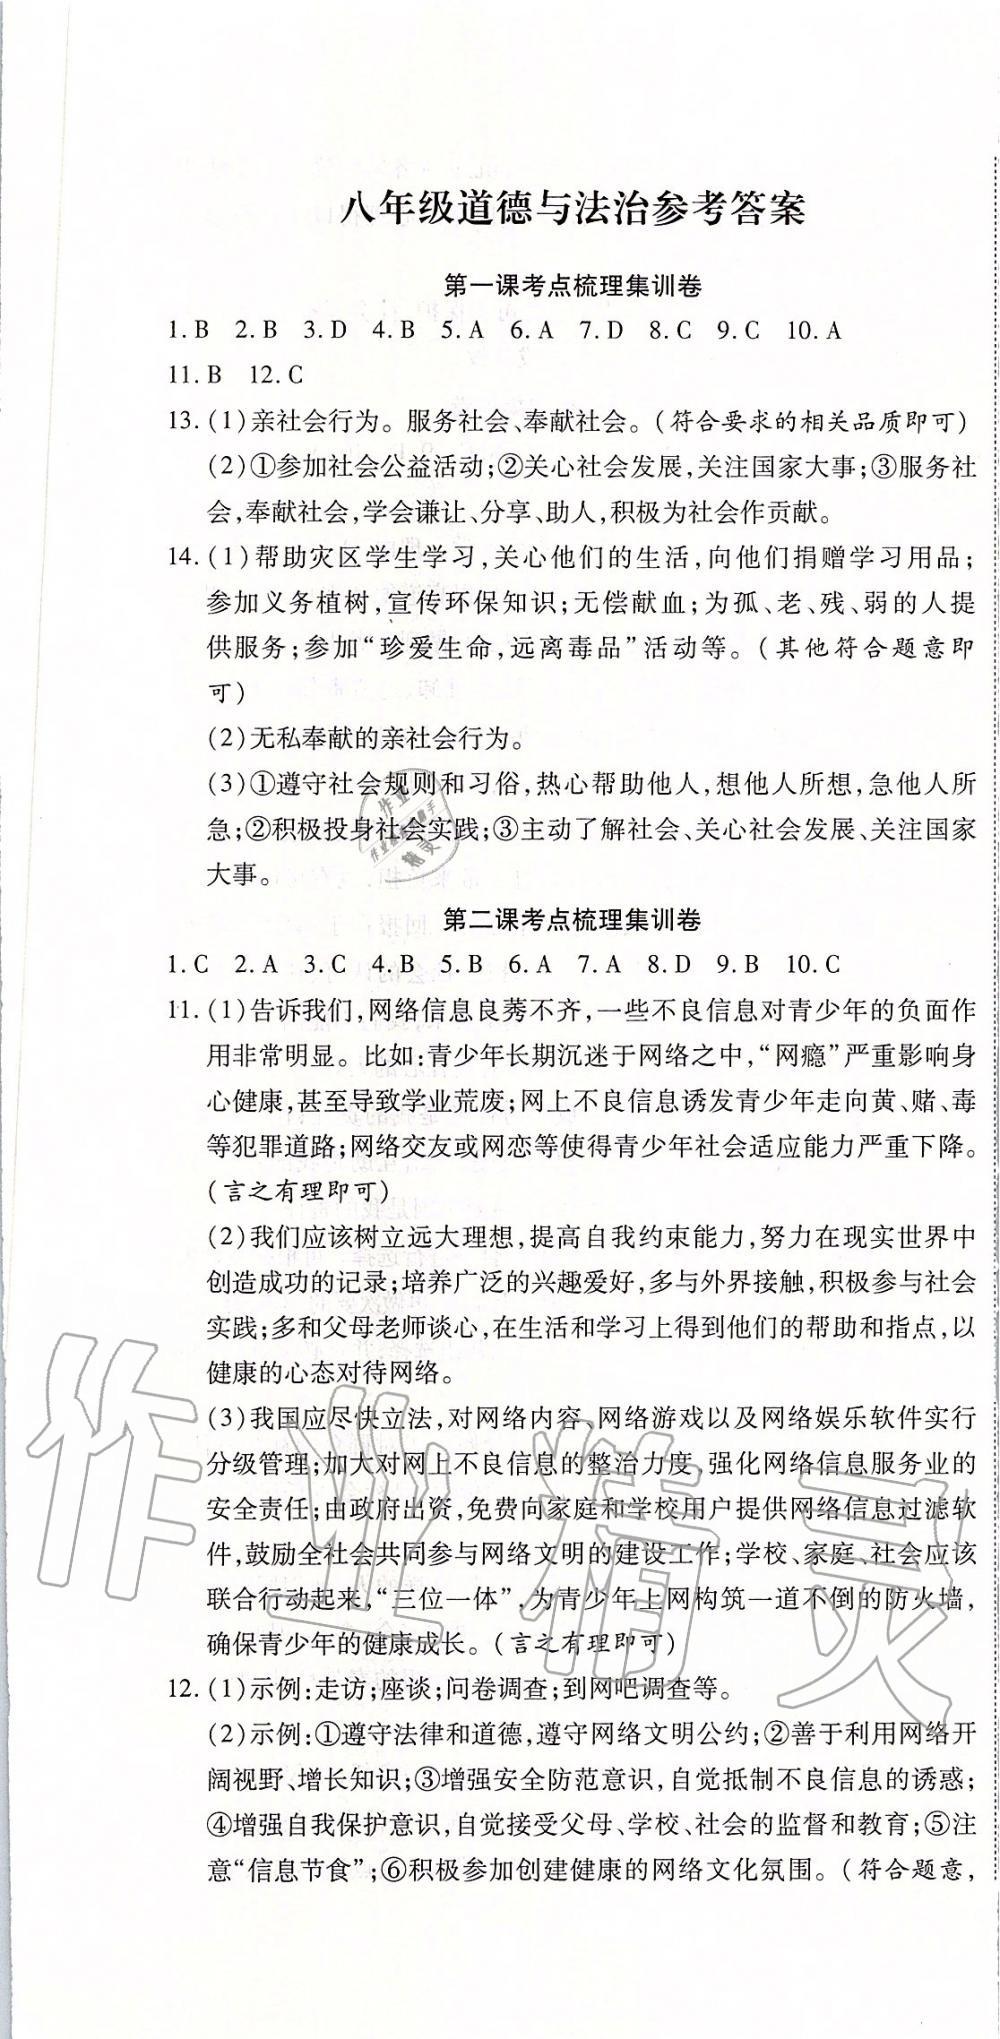 北京公交快345路线_2019年一线调研卷八年级道德与法治上册人教版第1页